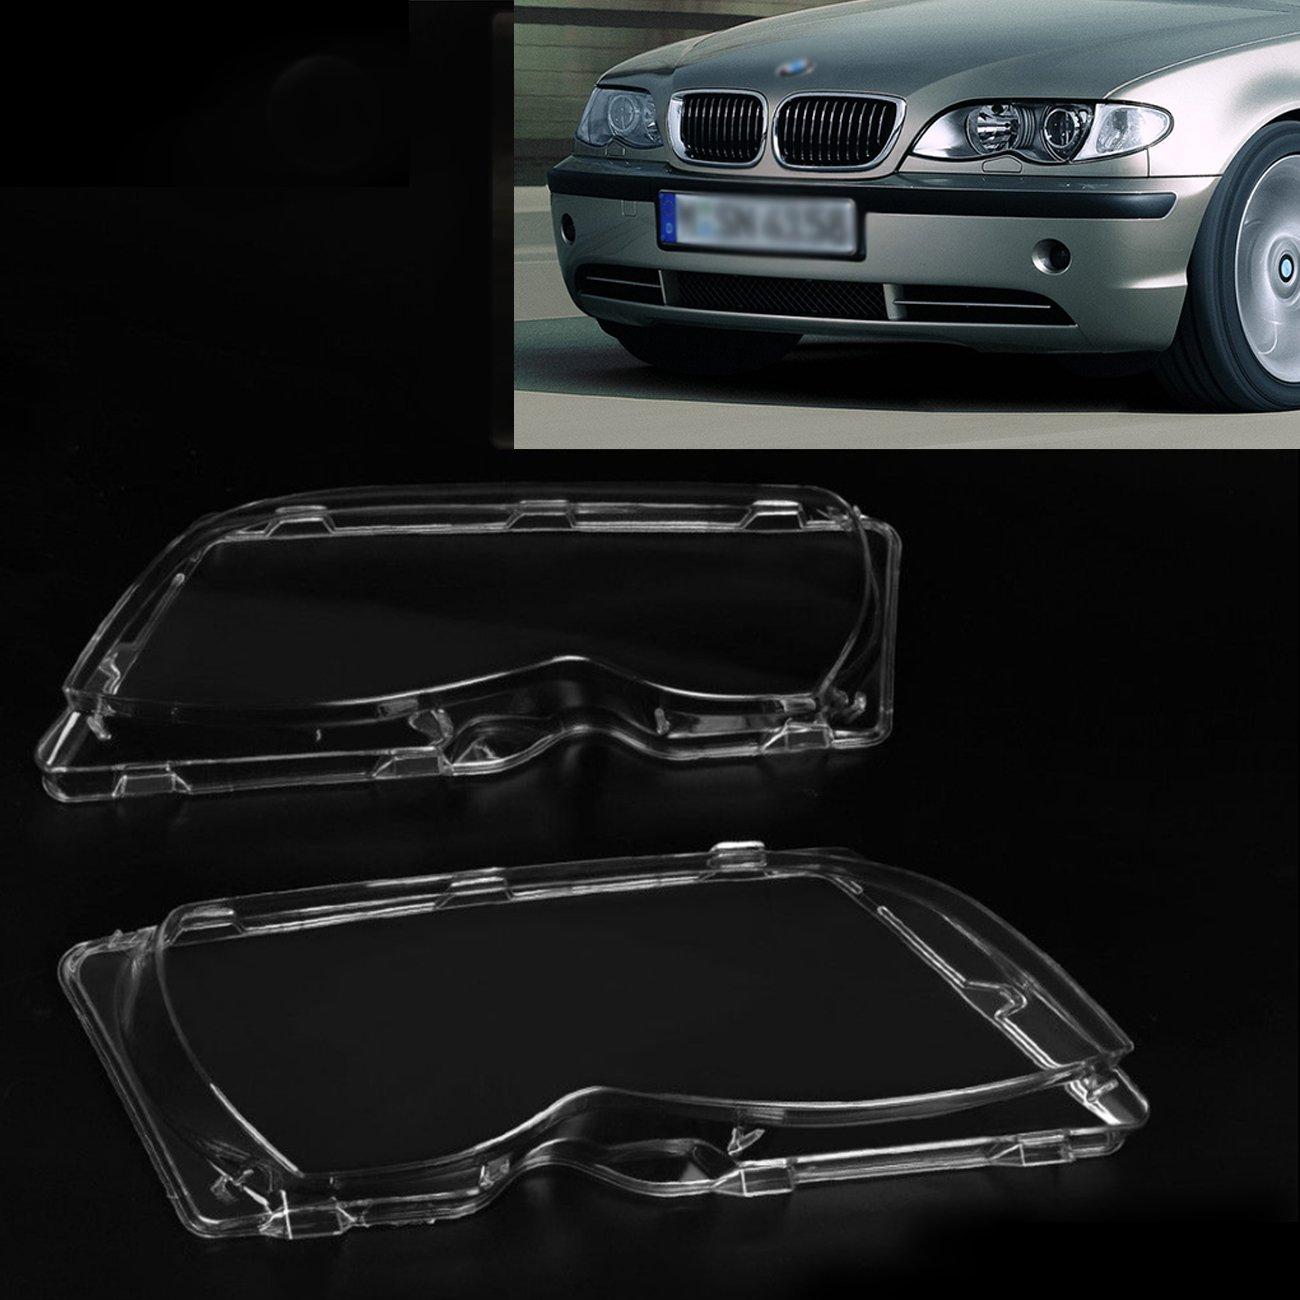 Headlight Lens Plastic Shell Cover For BMW E46 4-Door 63126924045 63126924046 2002 2003 2004 2005 Espear